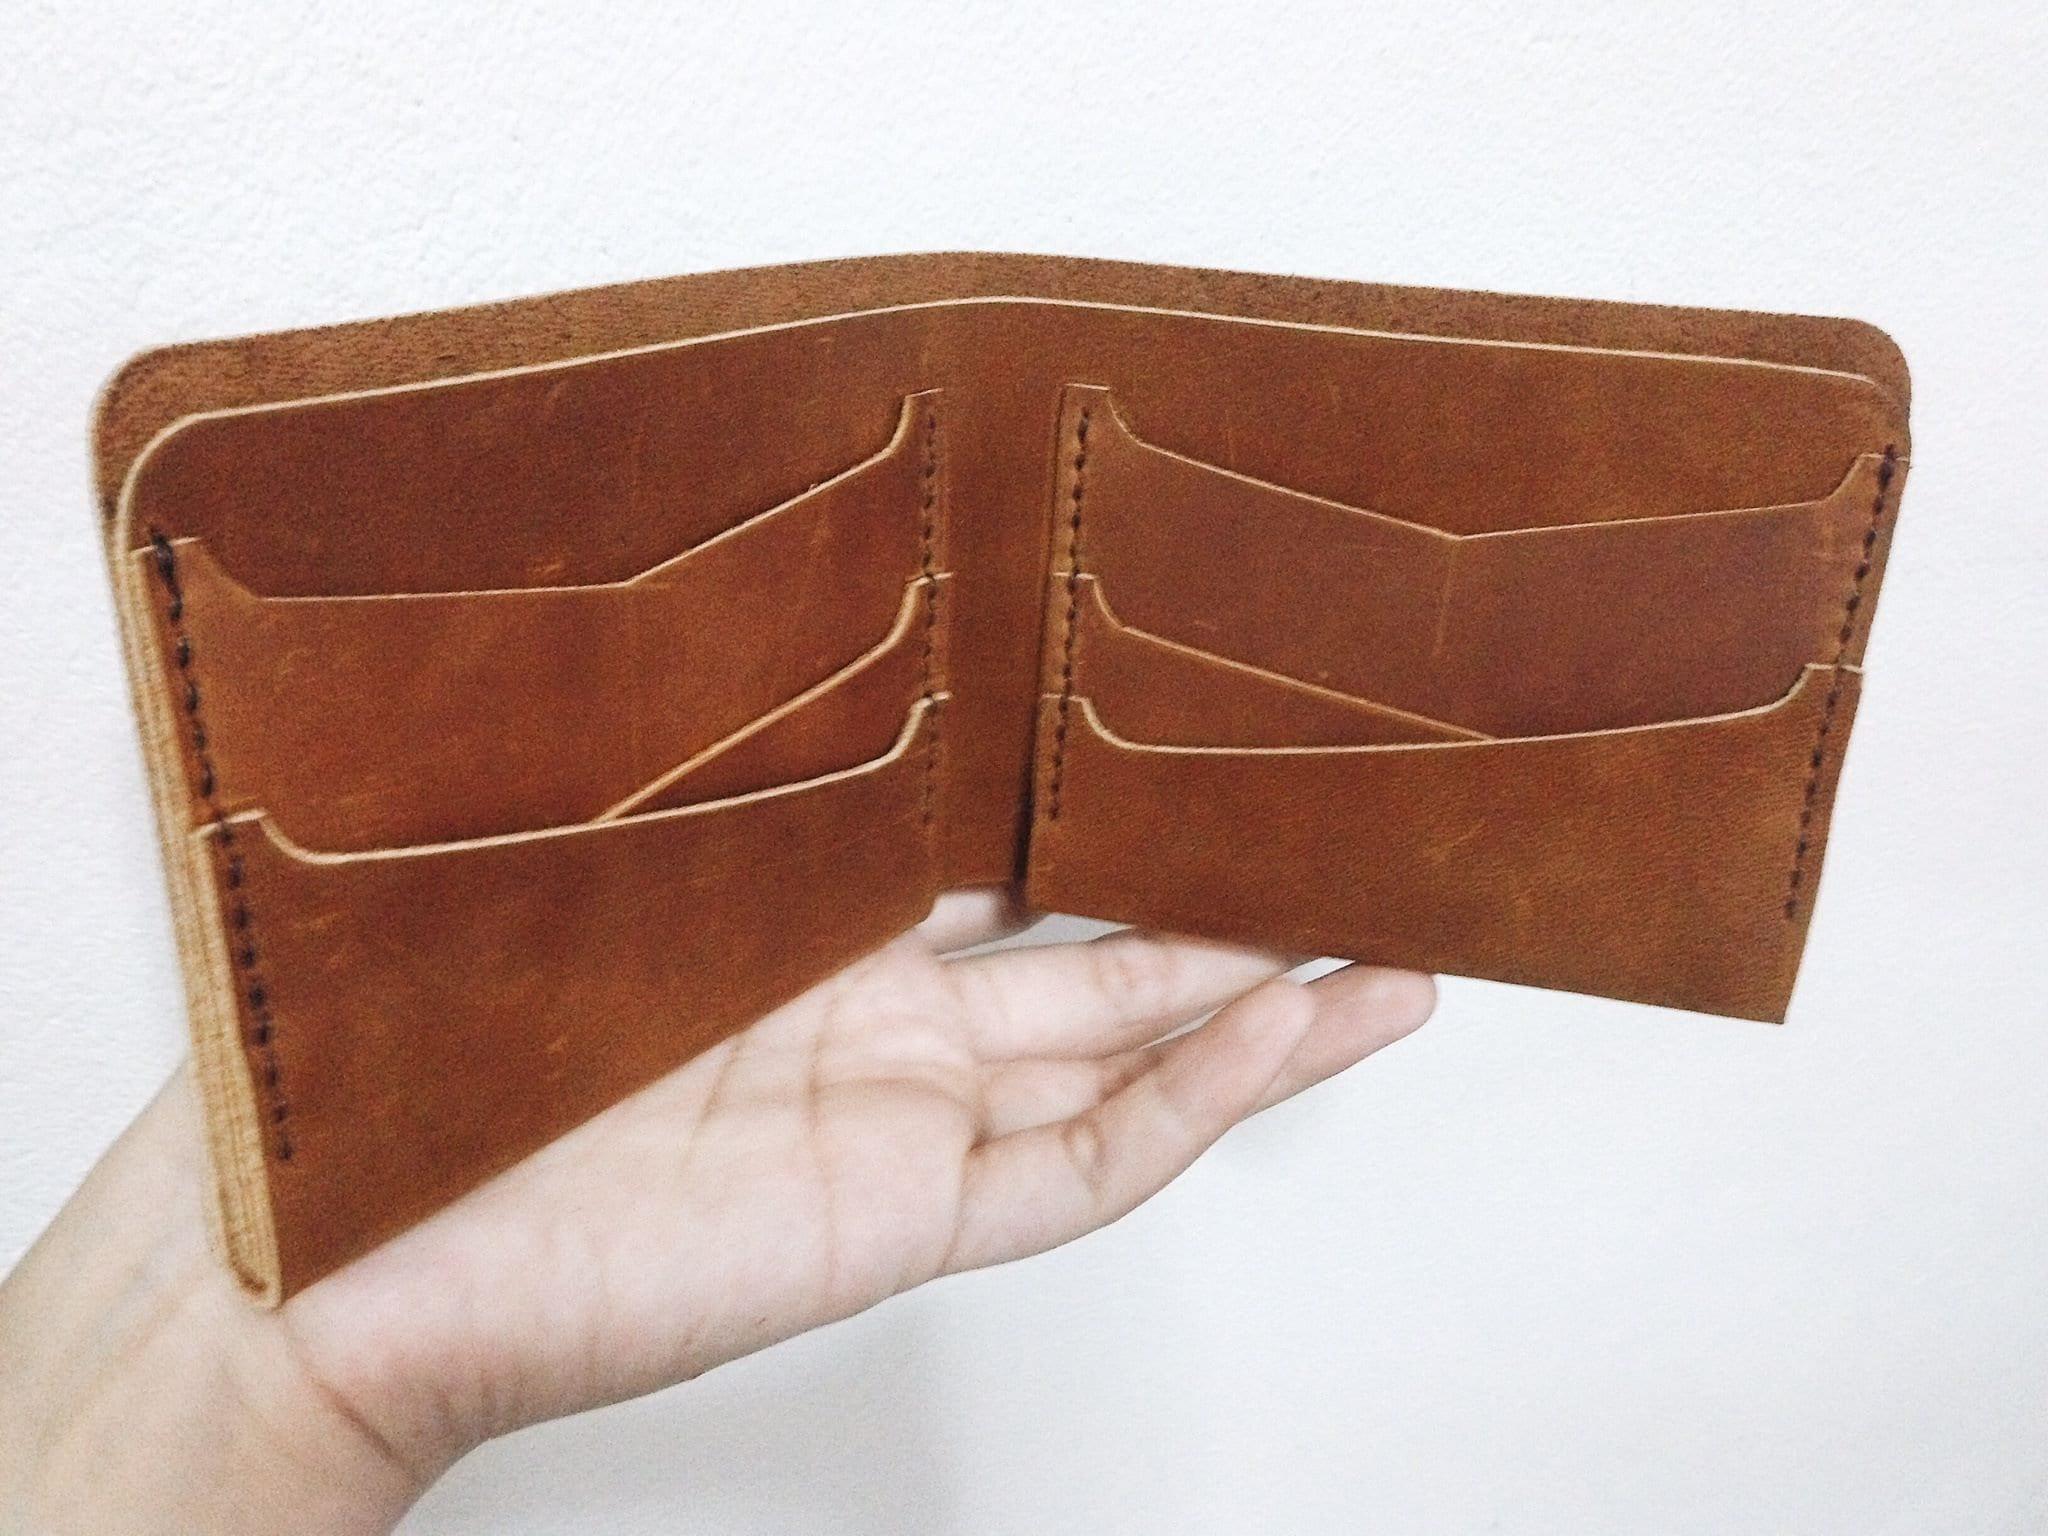 Tan oil leather wallet, leather billfold, men wallet